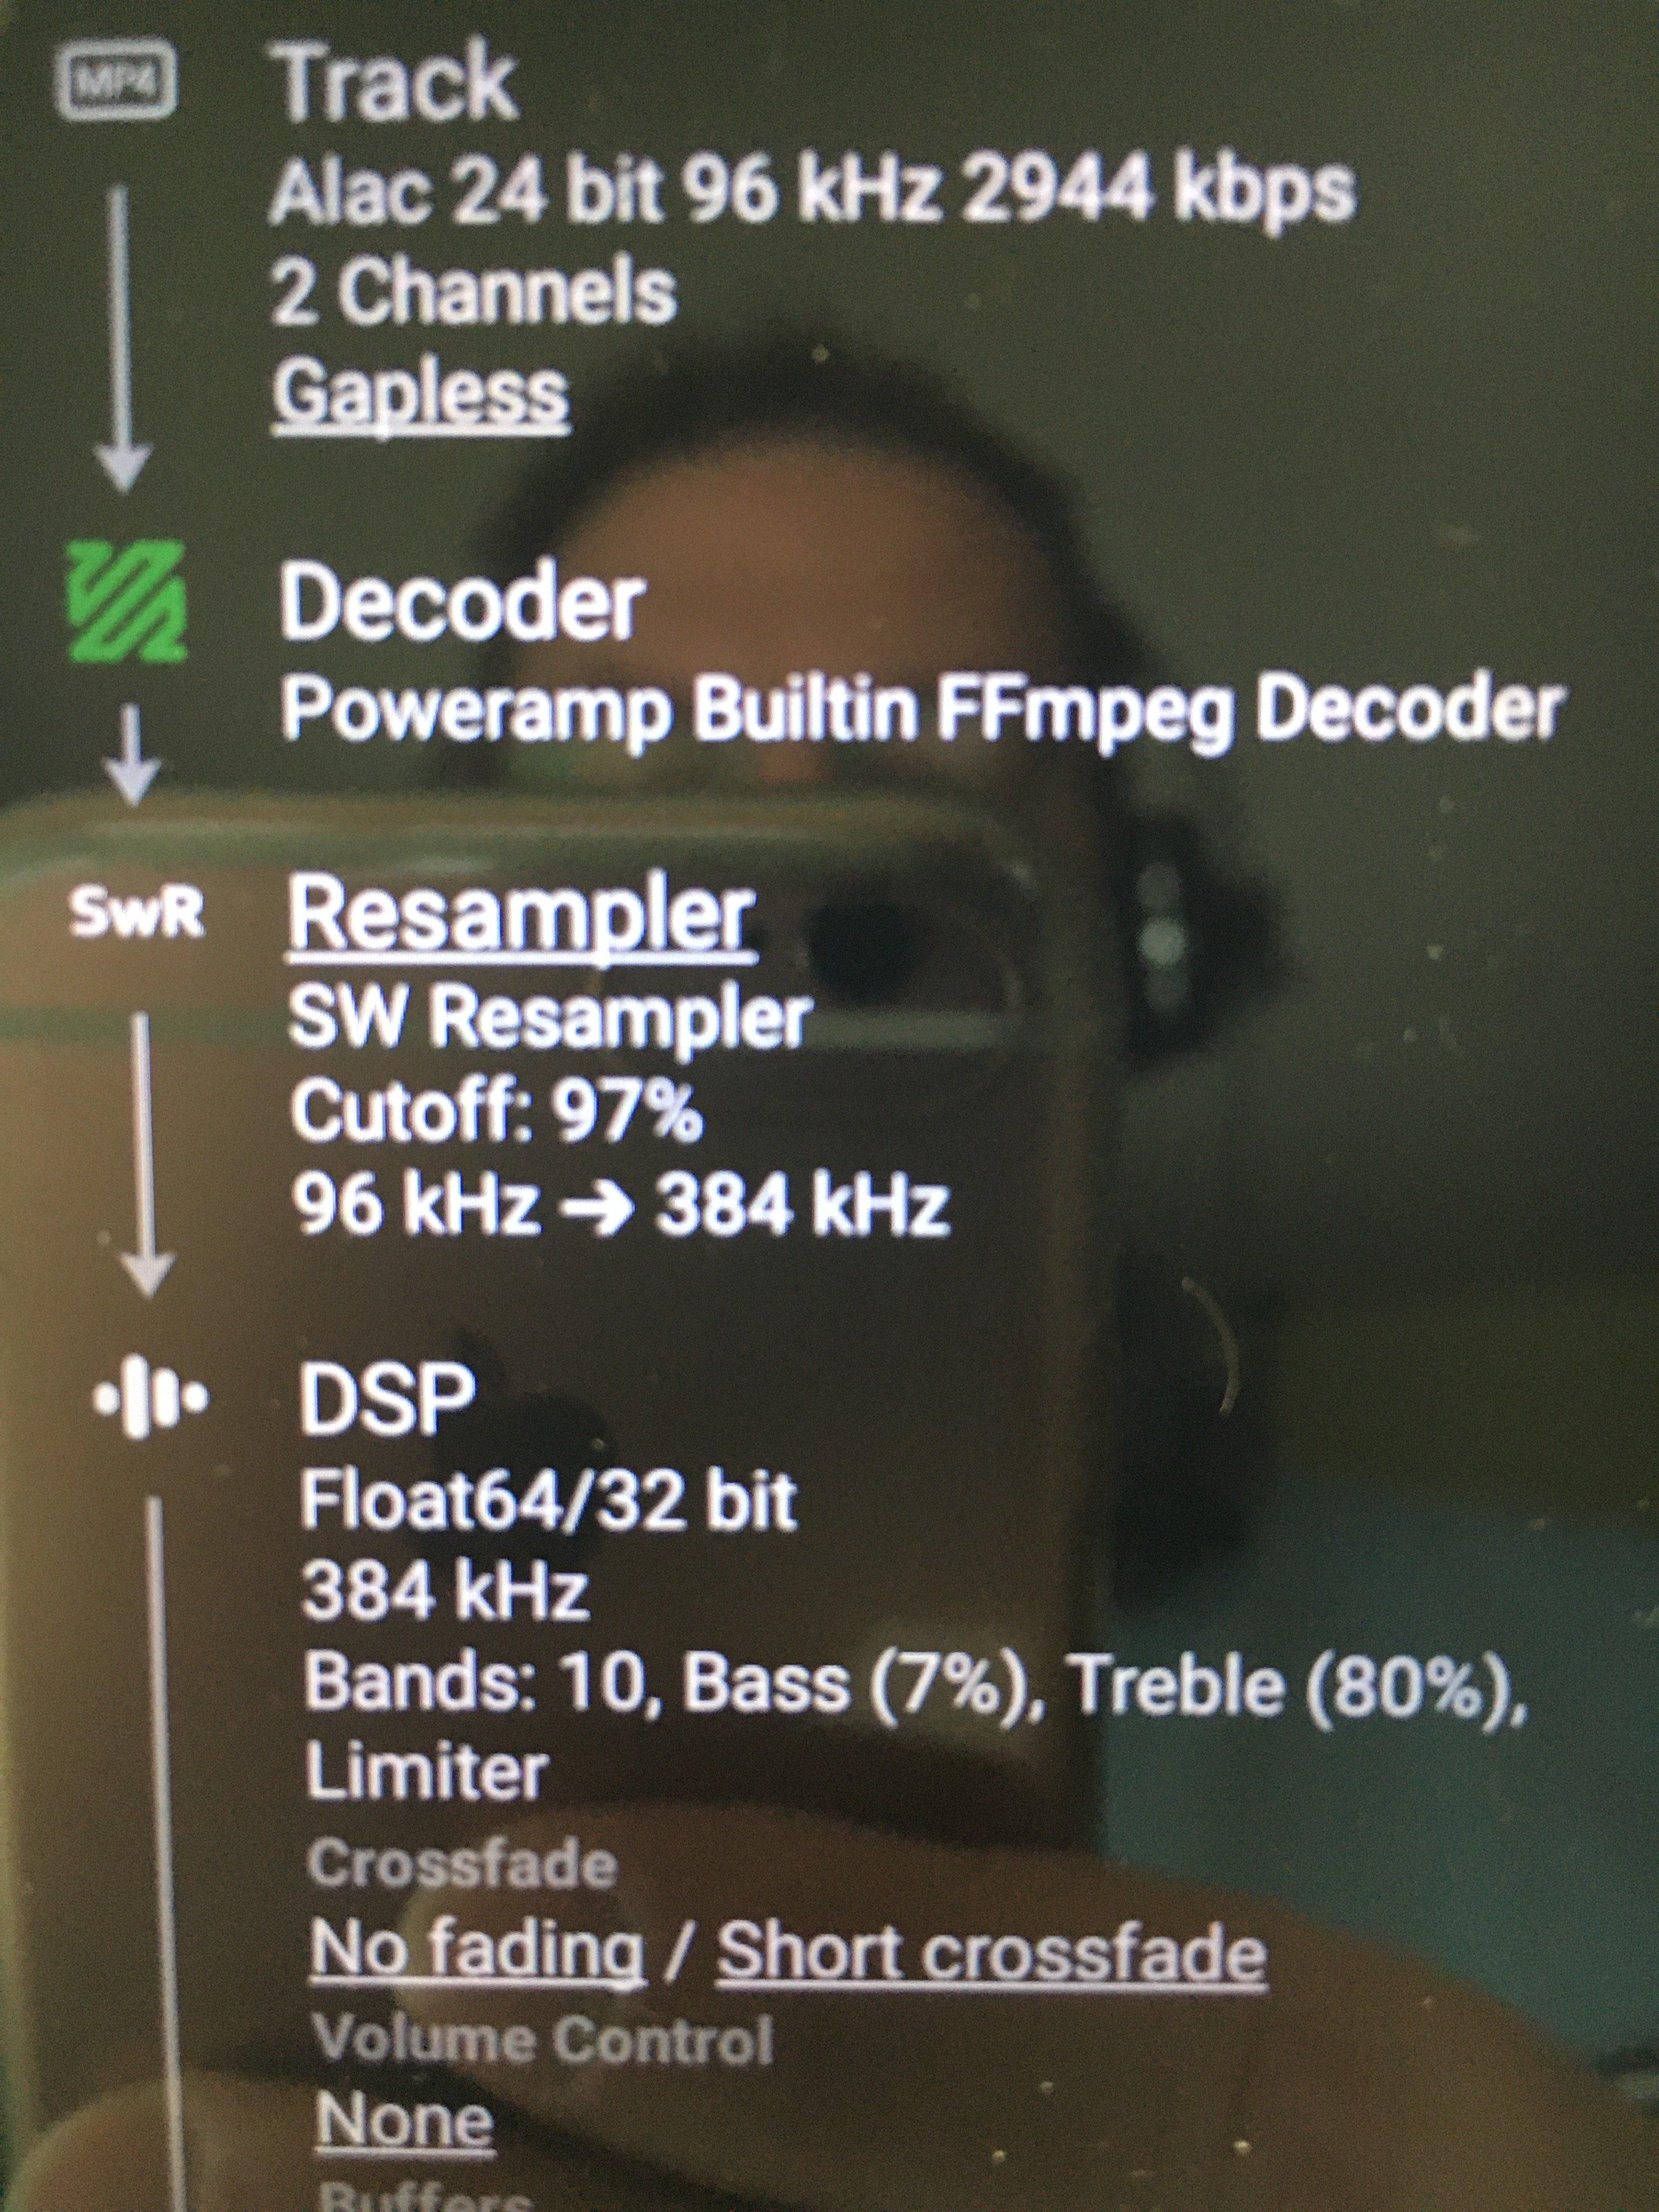 4DA0590B-5F6F-4AAB-95F1-F1D1AC8306F5.jpeg